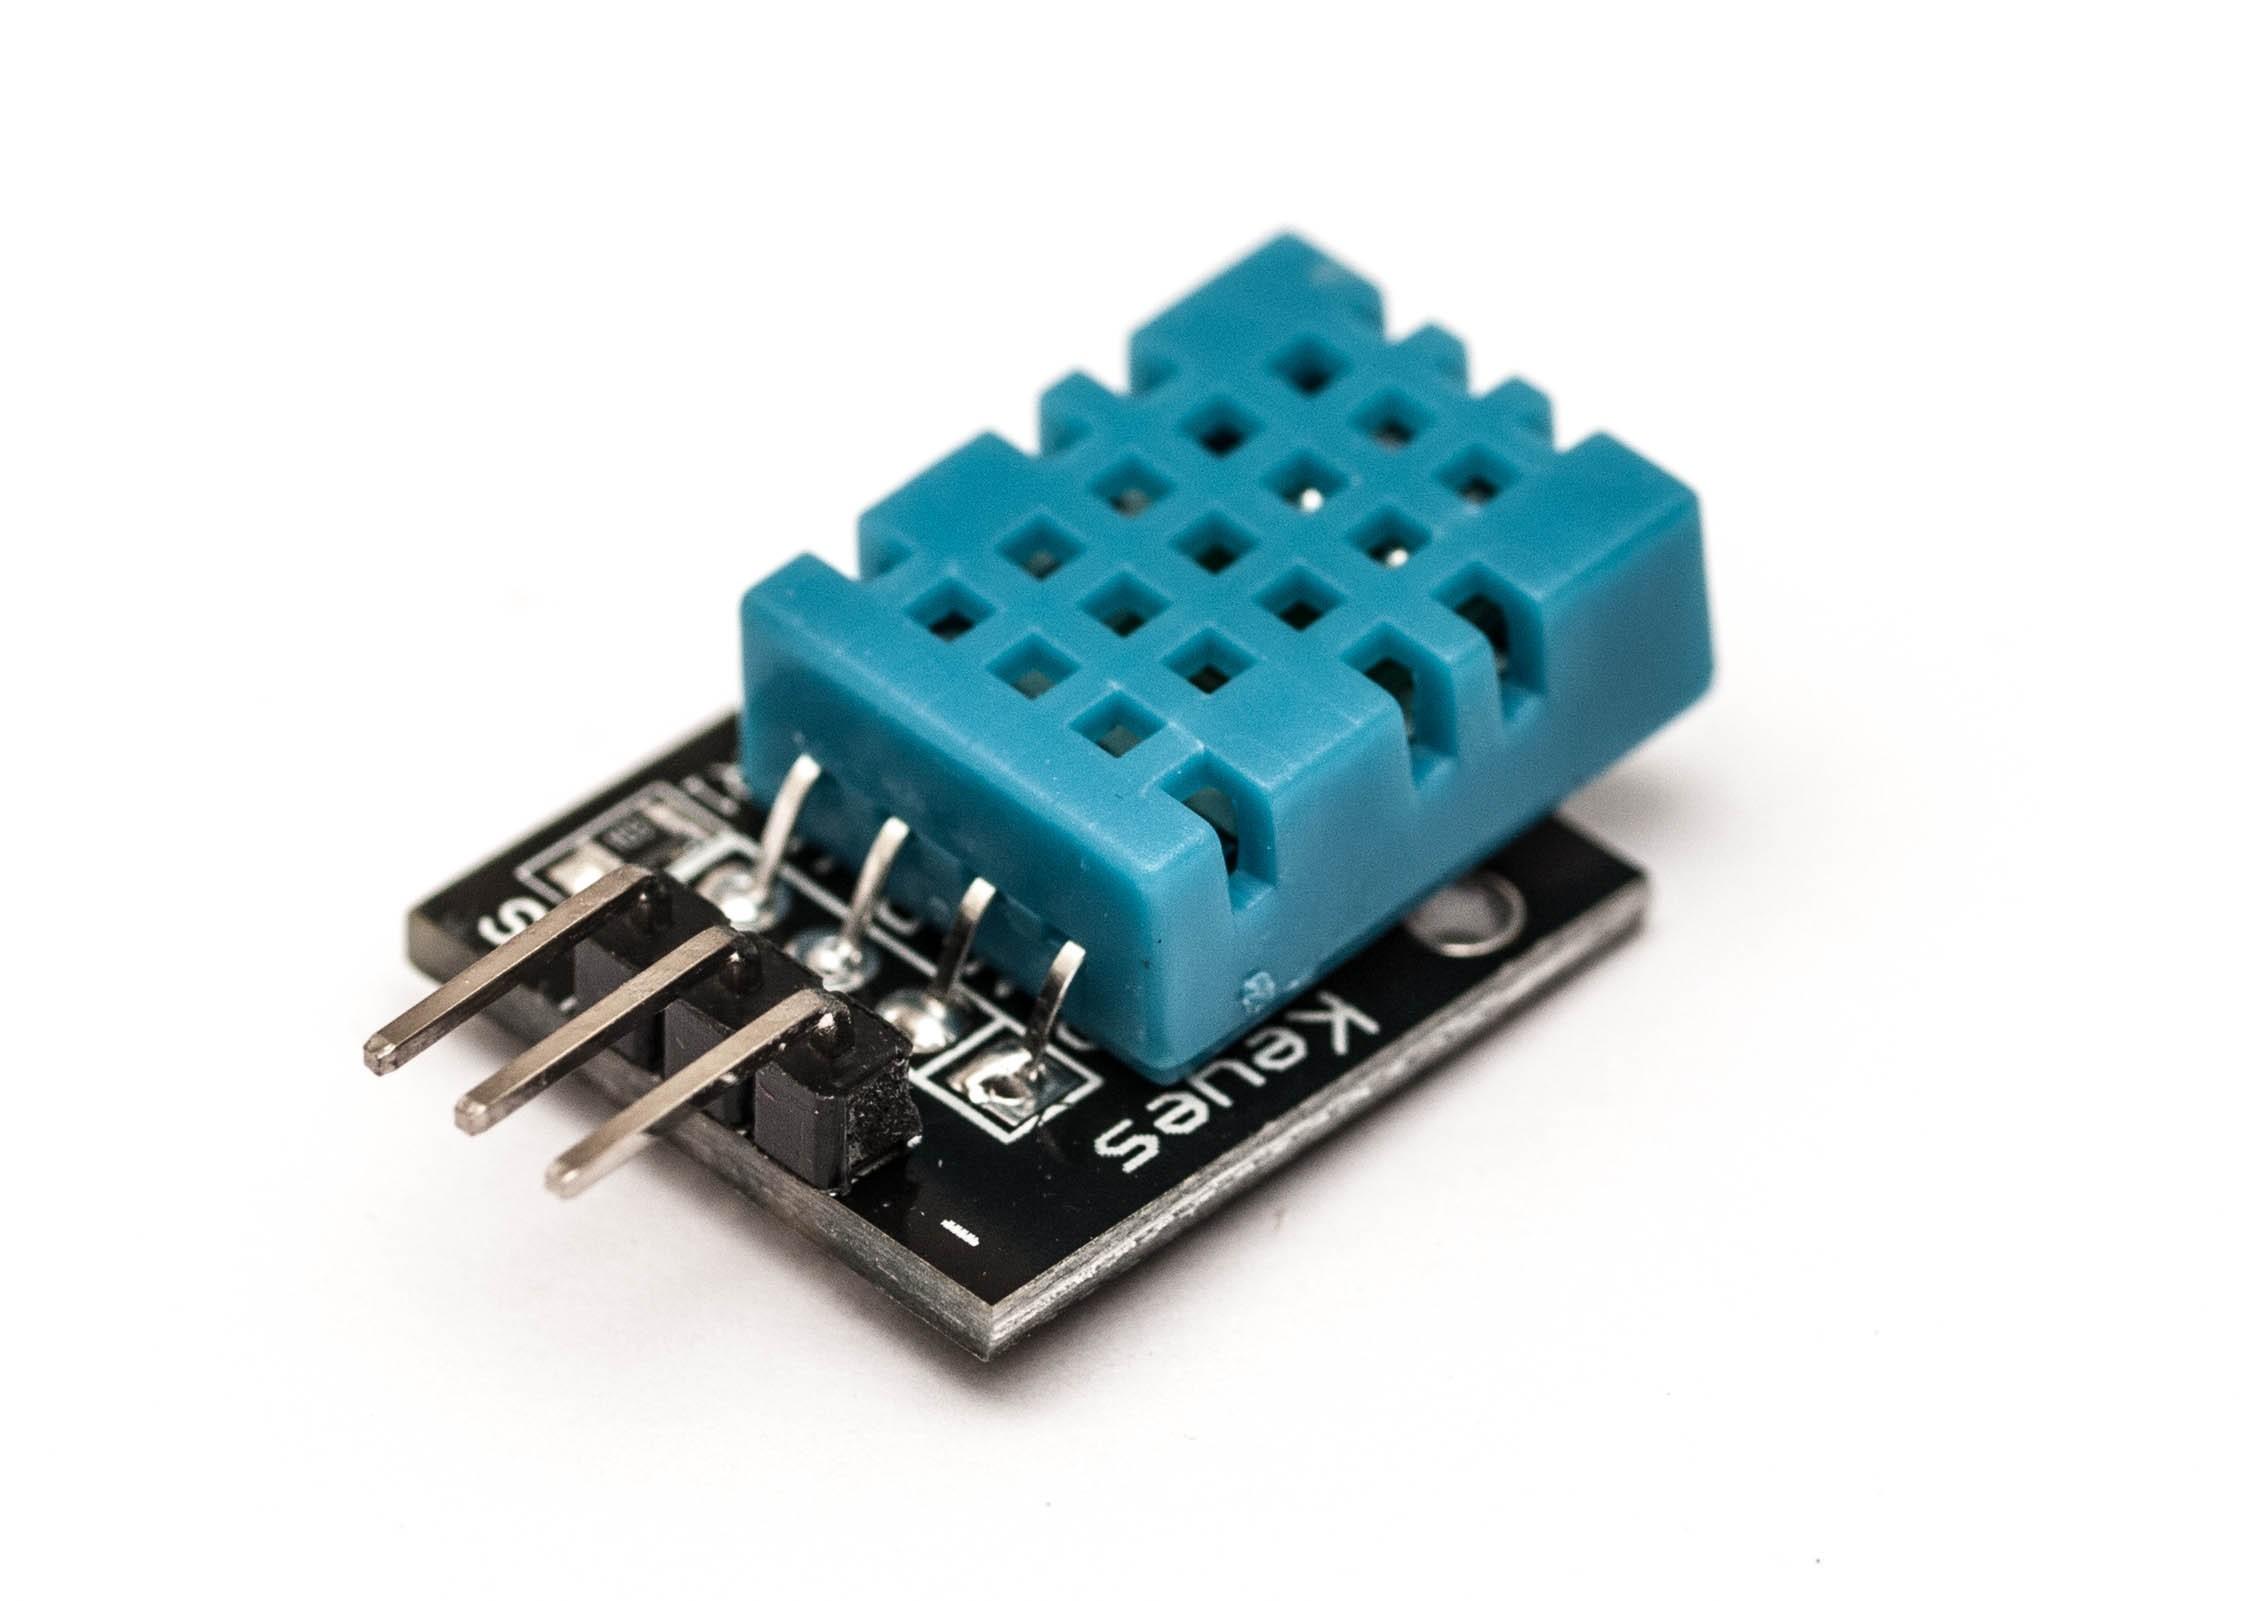 Modulo Dht11 Sensor De Temperatura Y Humedad Para Arduino Dht 11